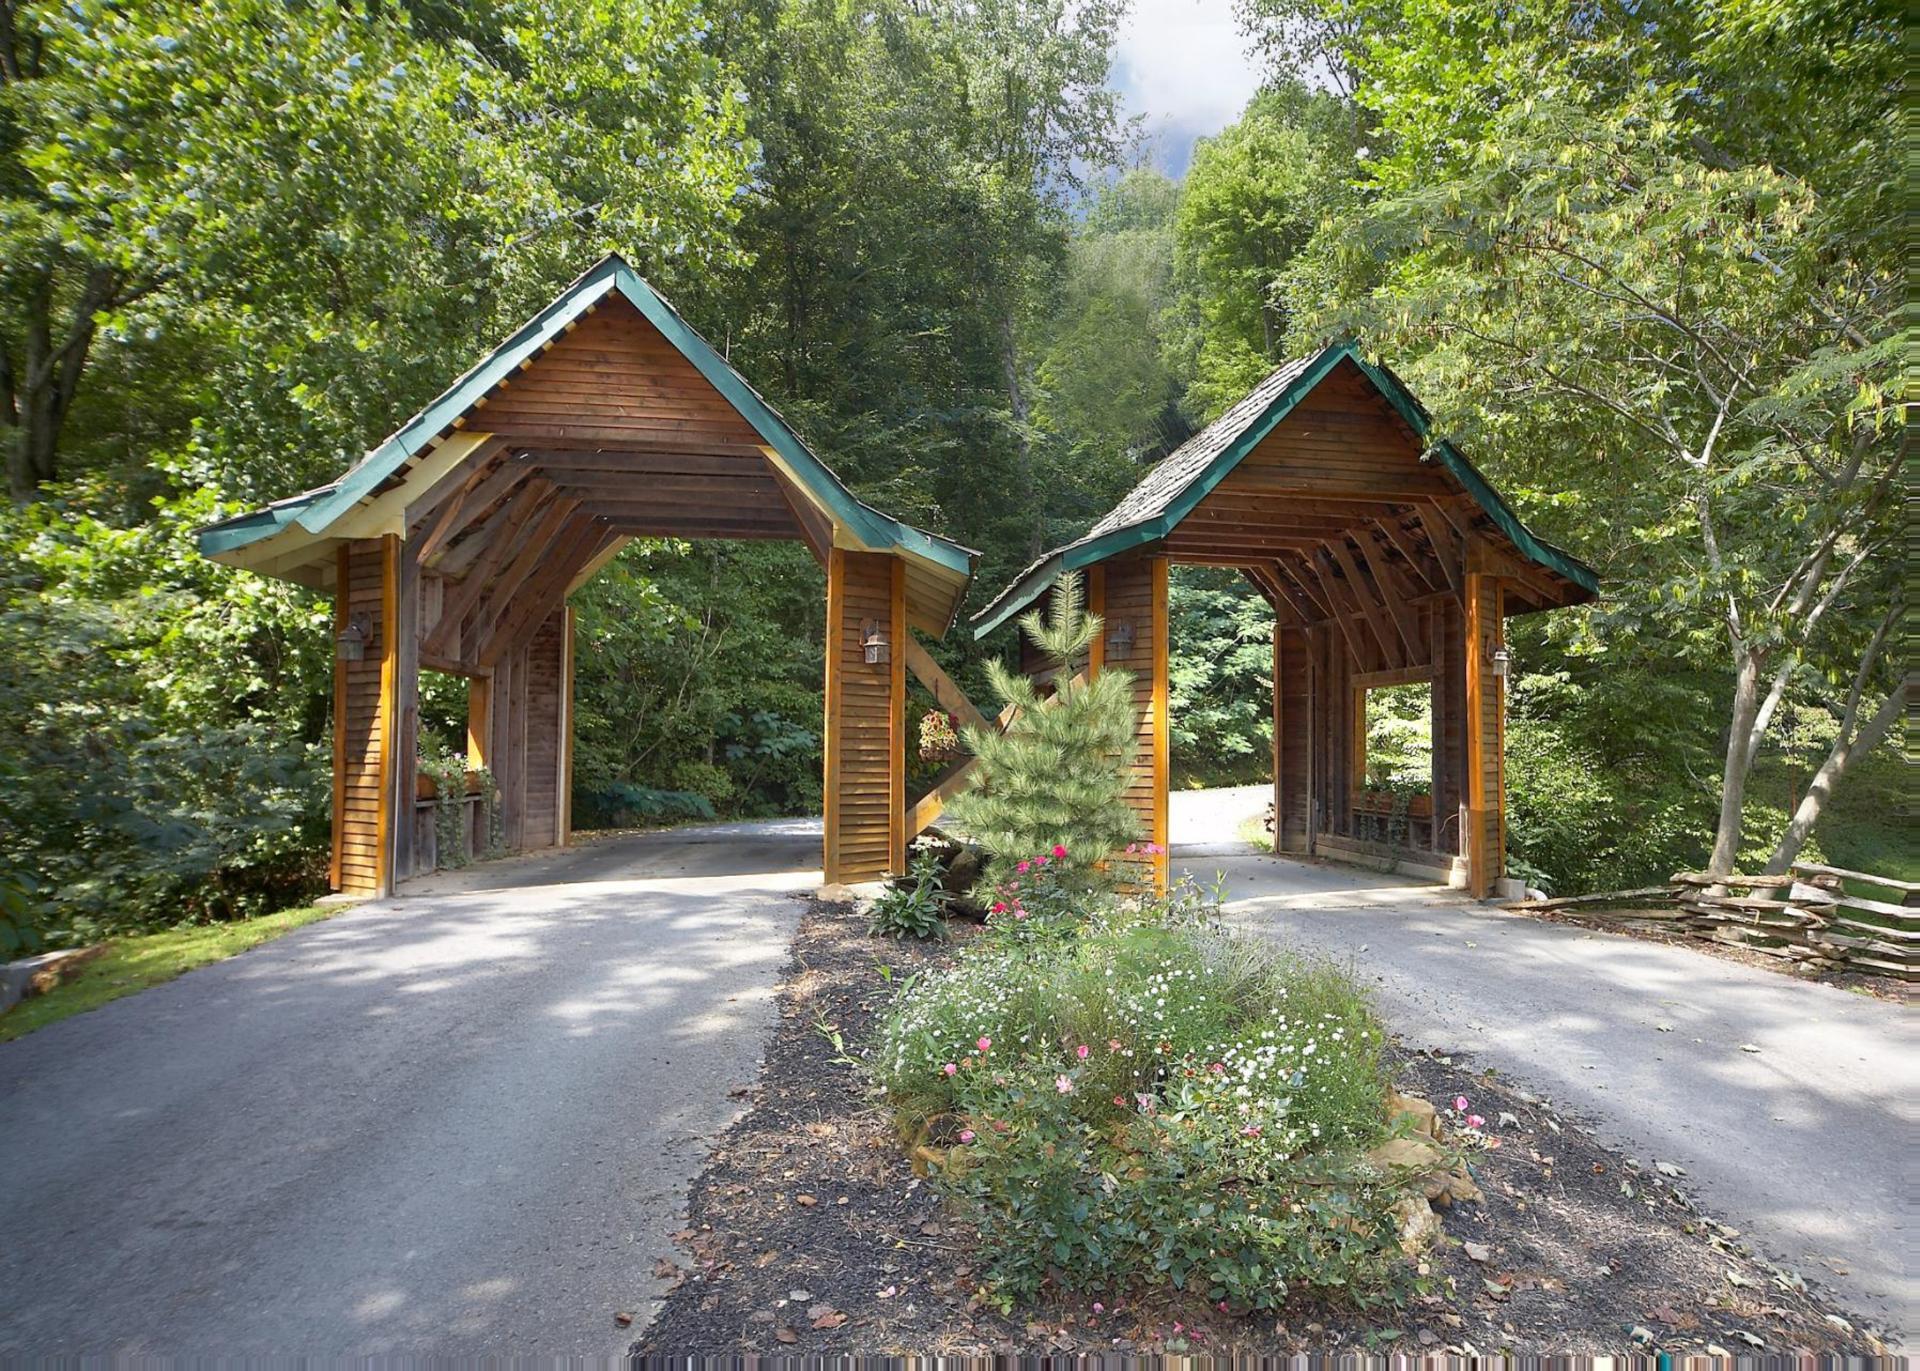 Twin bridges welcome you to the neighborhood